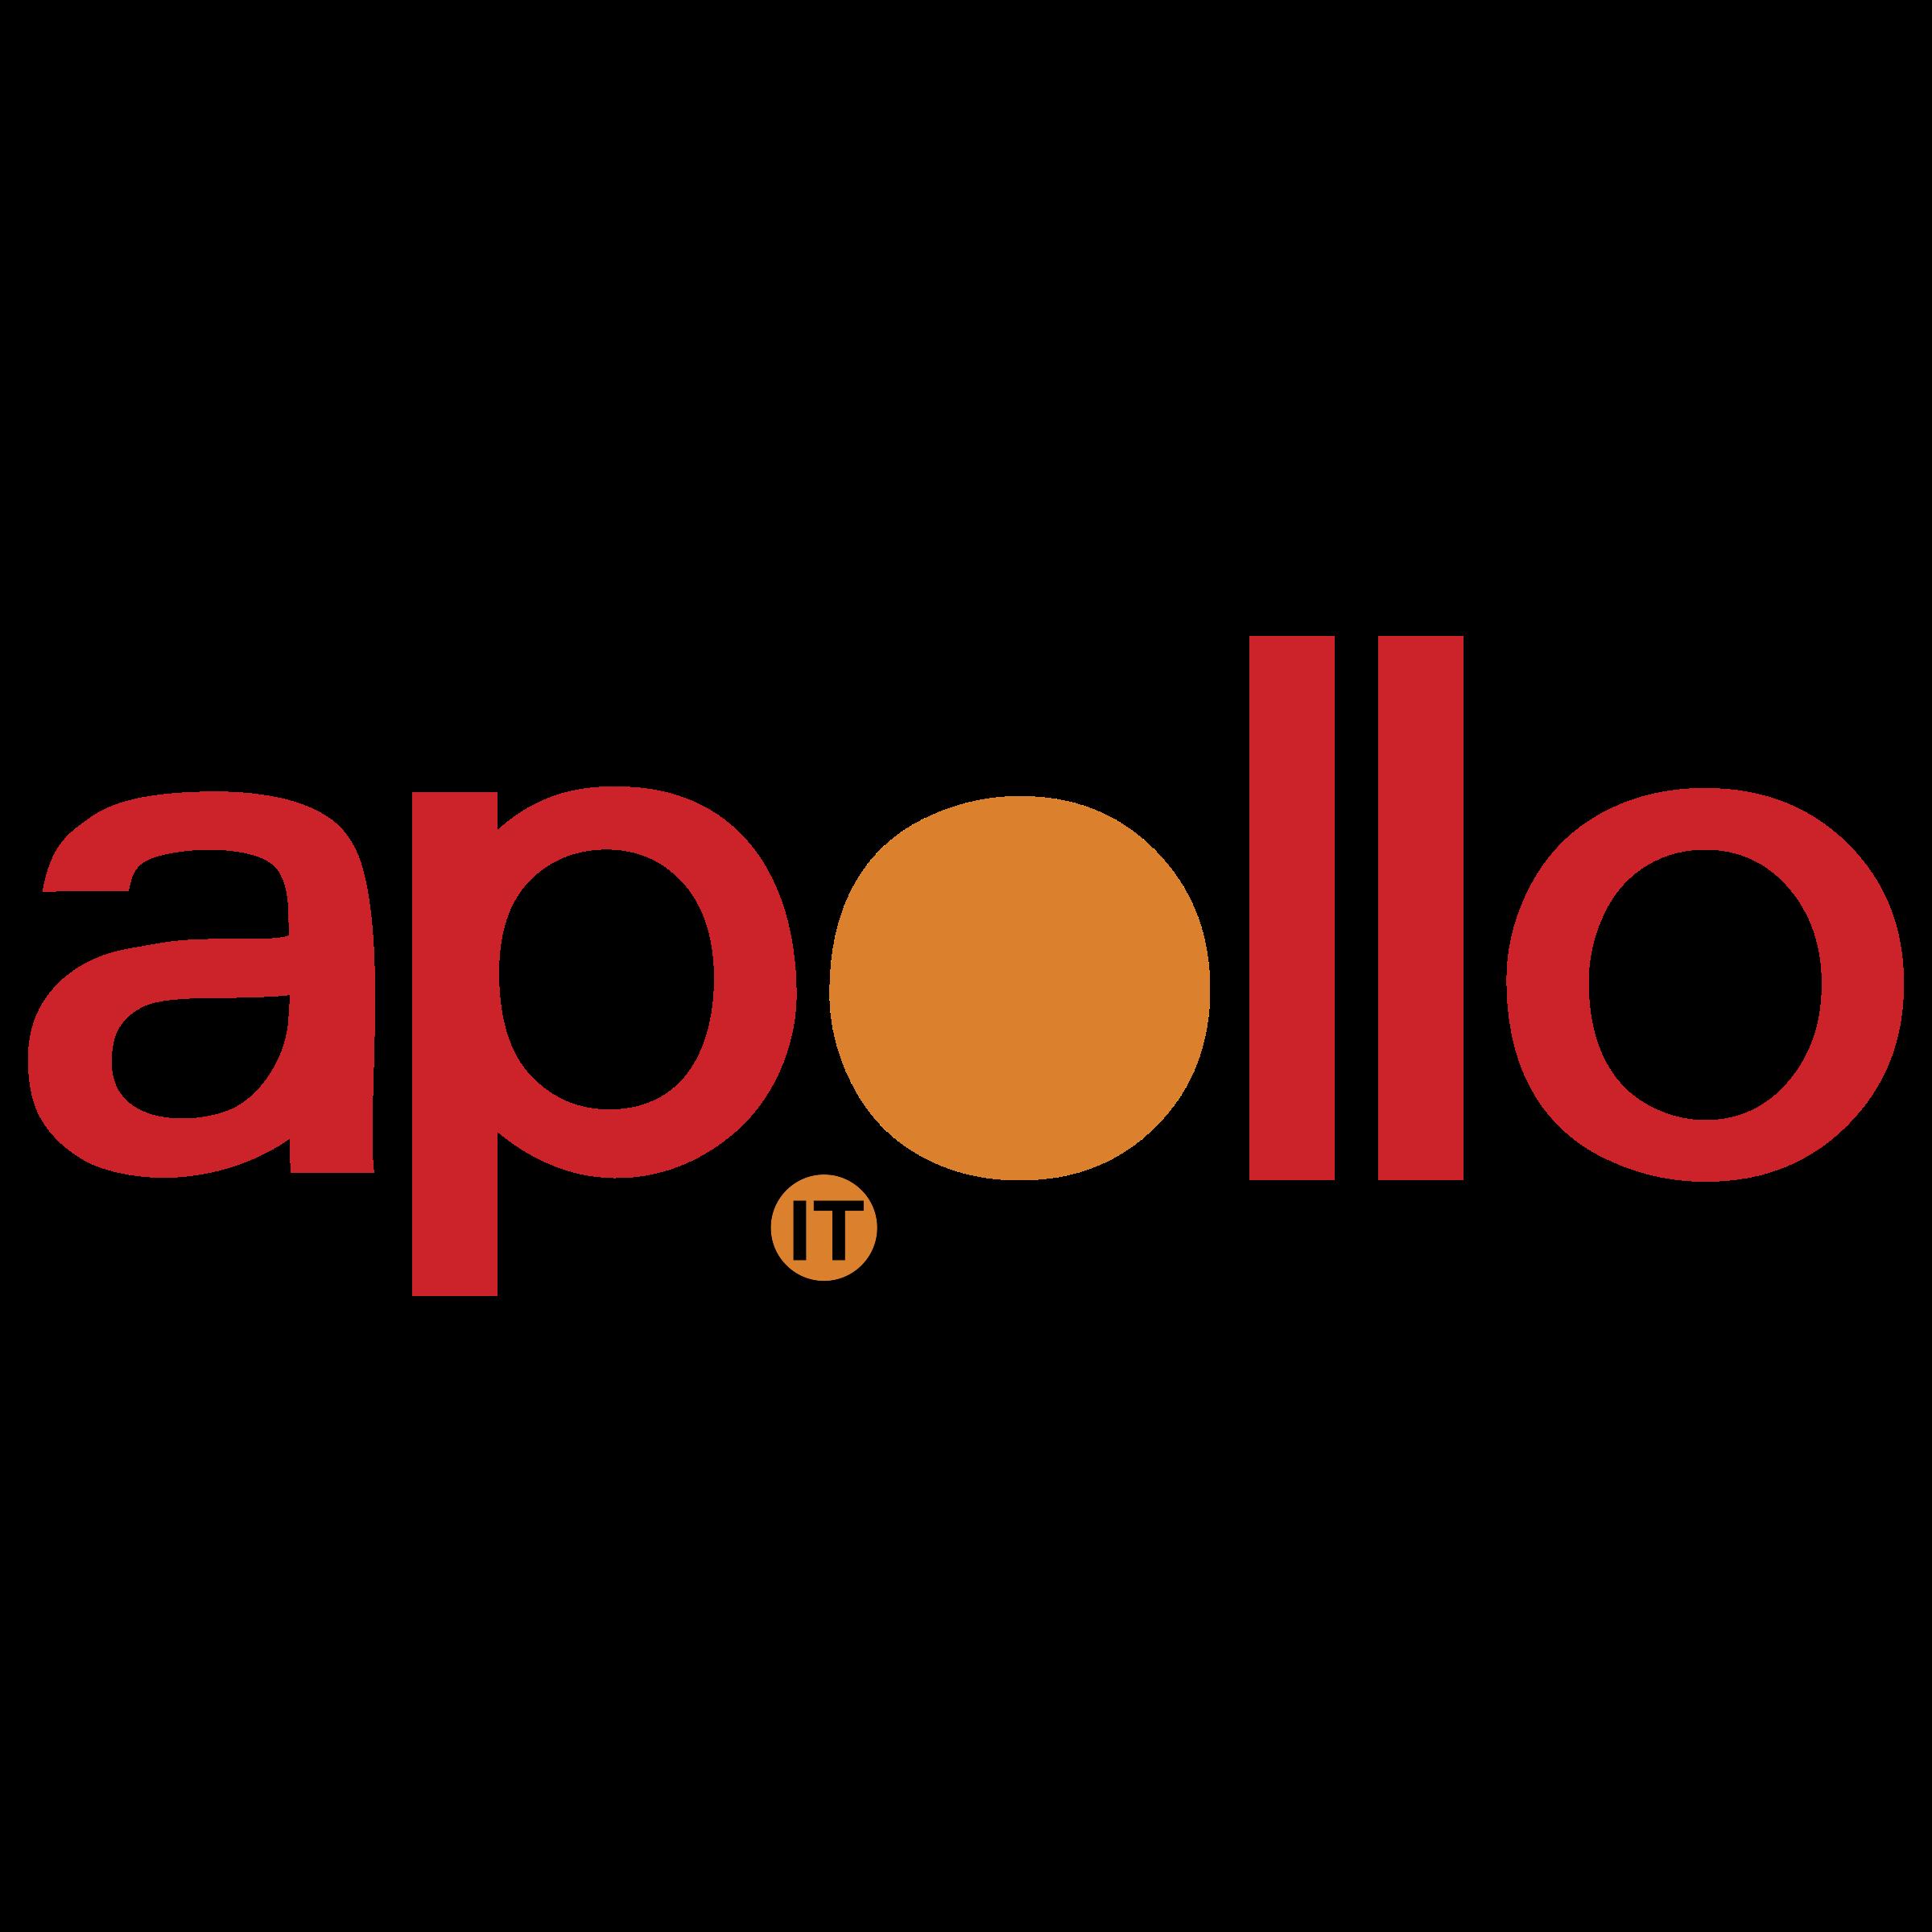 Apollo Logo PNG Transparent & SVG Vector.